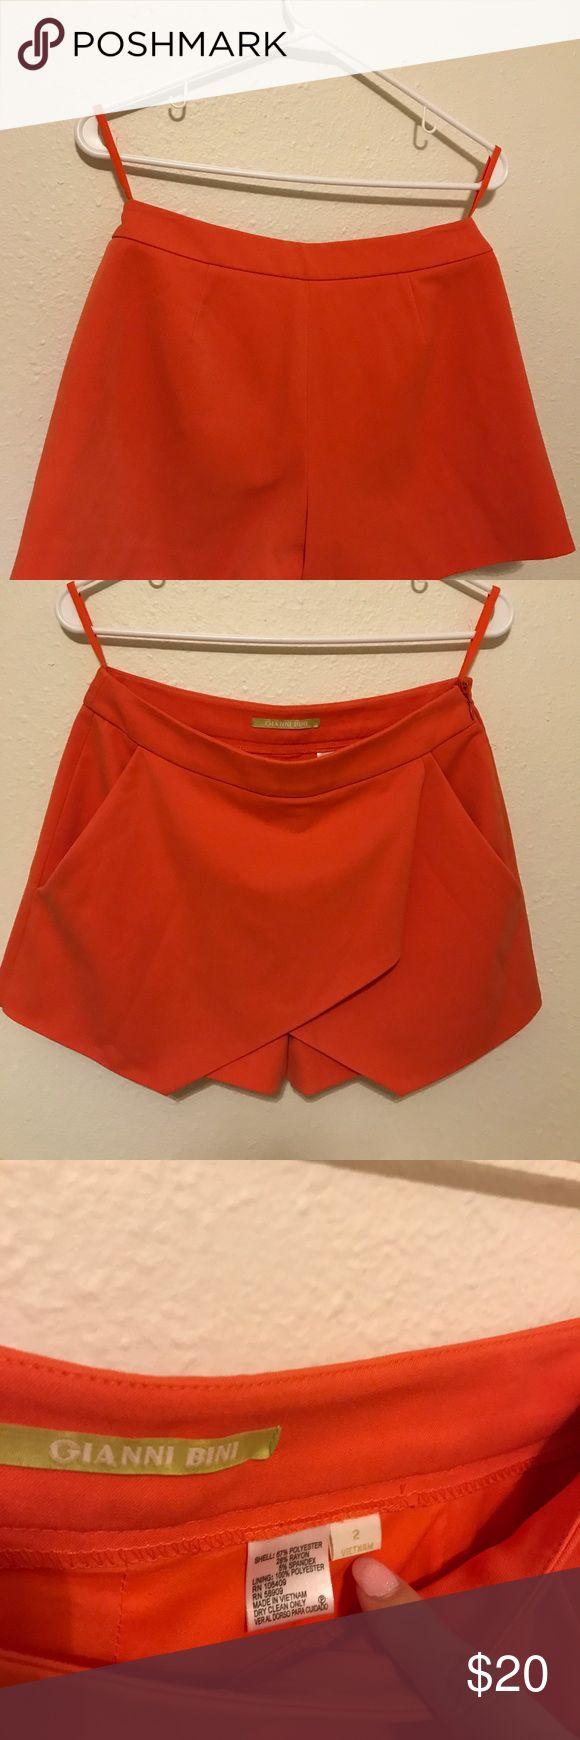 I just added this listing on Poshmark: Gianni Bini Orange Skort - Size 2. #shopmycloset #poshmark #fashion #shopping #style #forsale #Gianni Bini #Pants